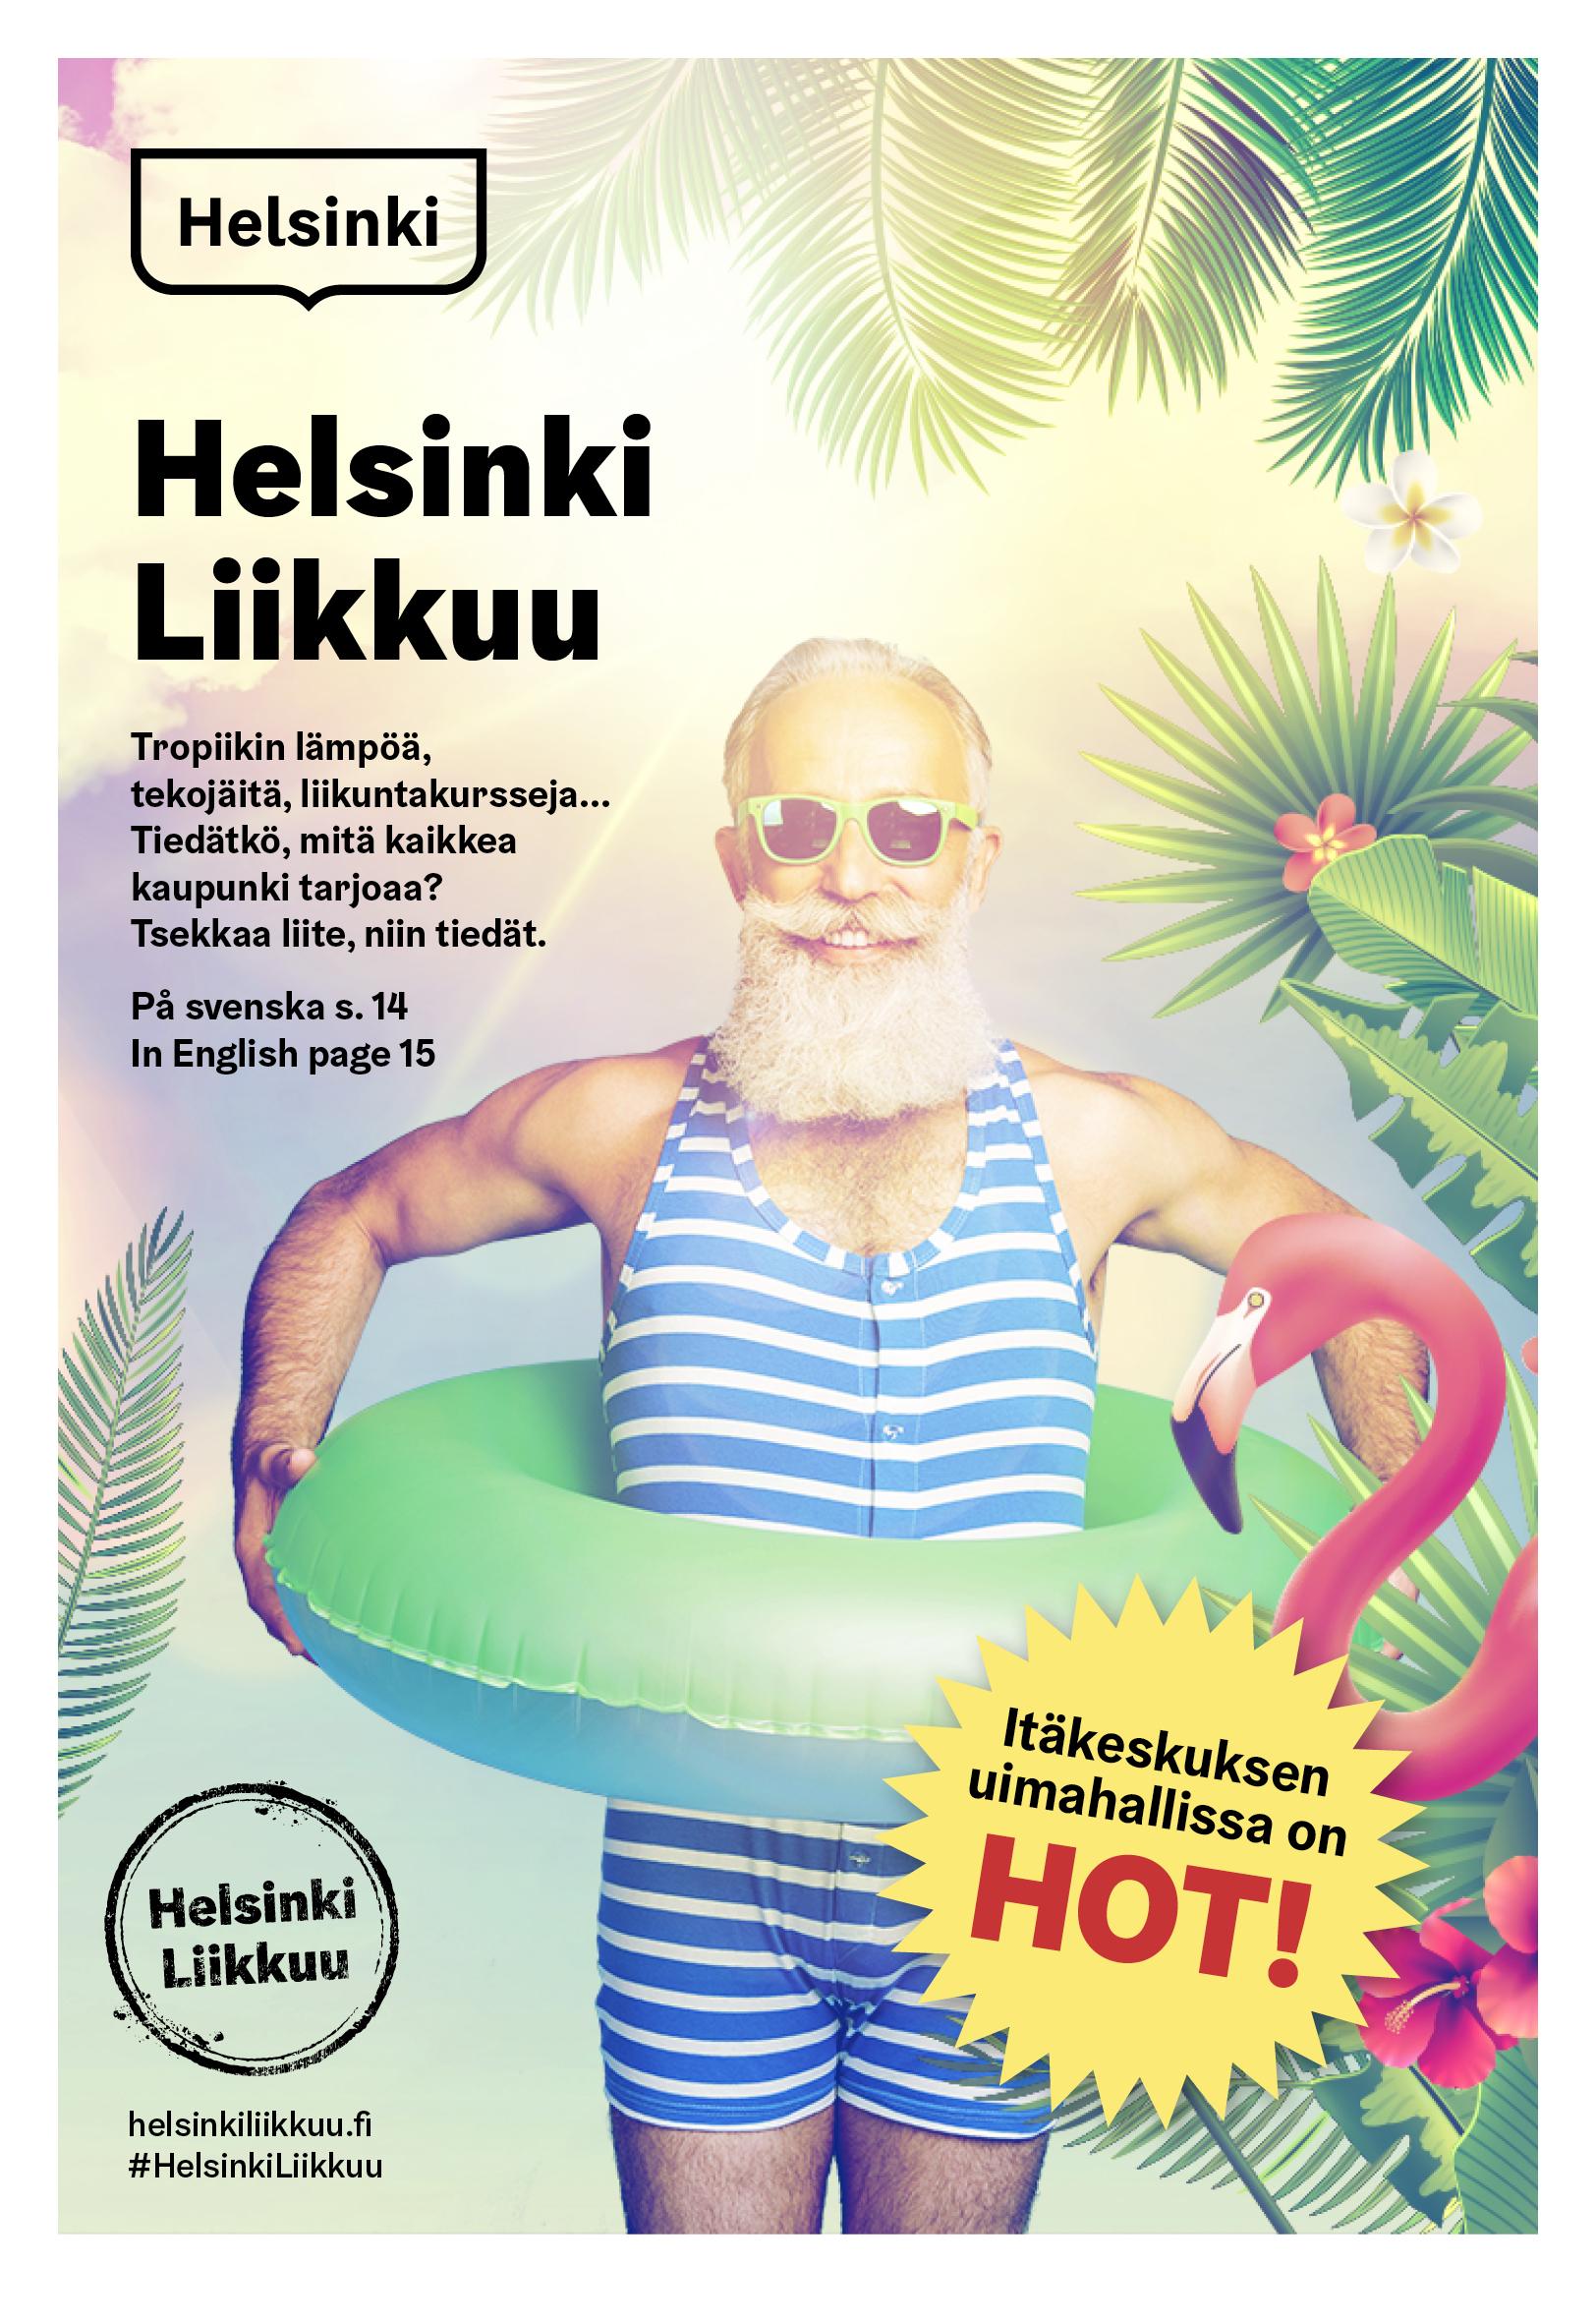 Helsingin_Uutiset_liikuntapalveluiden_kevatesite_2020_netti_sivuittain_150ppi